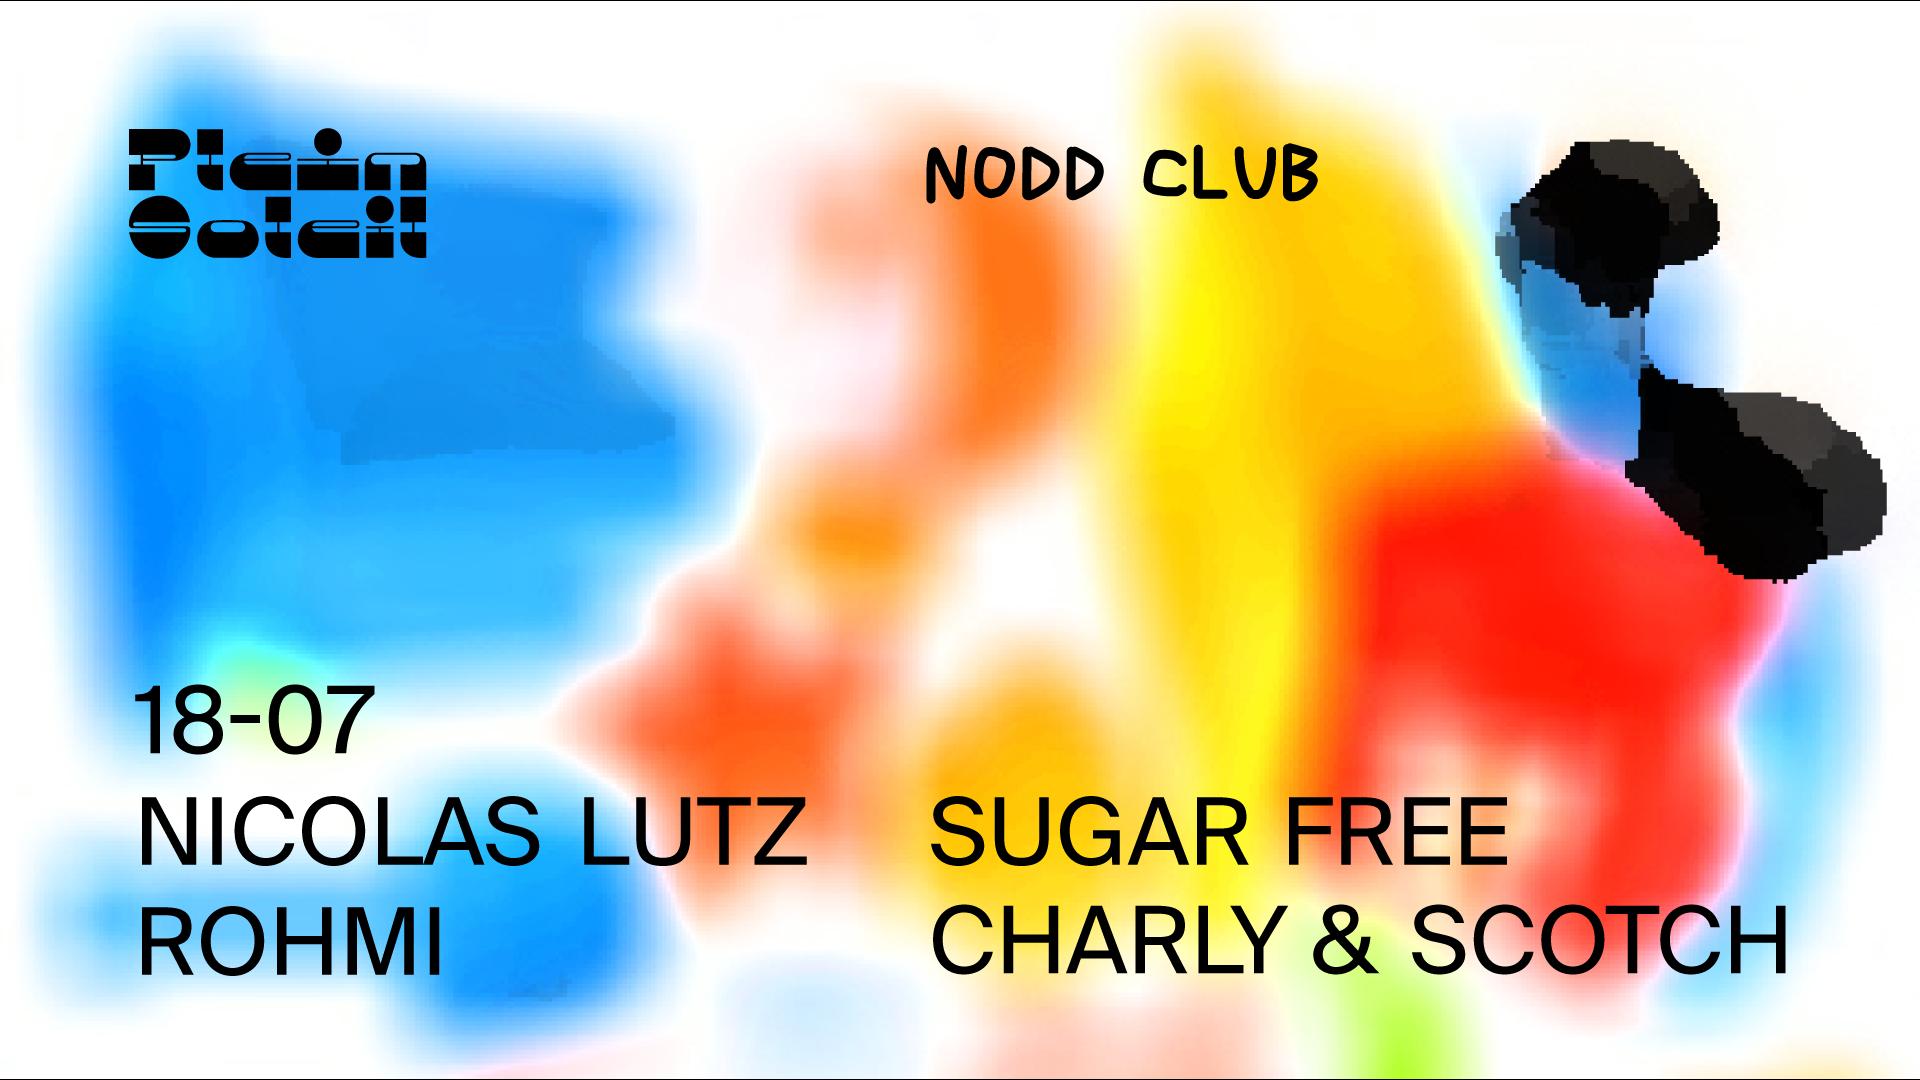 ℙ𝕝𝕖𝕚𝕟 𝕊𝕠𝕝𝕖𝕚𝕝 • Nodd Club